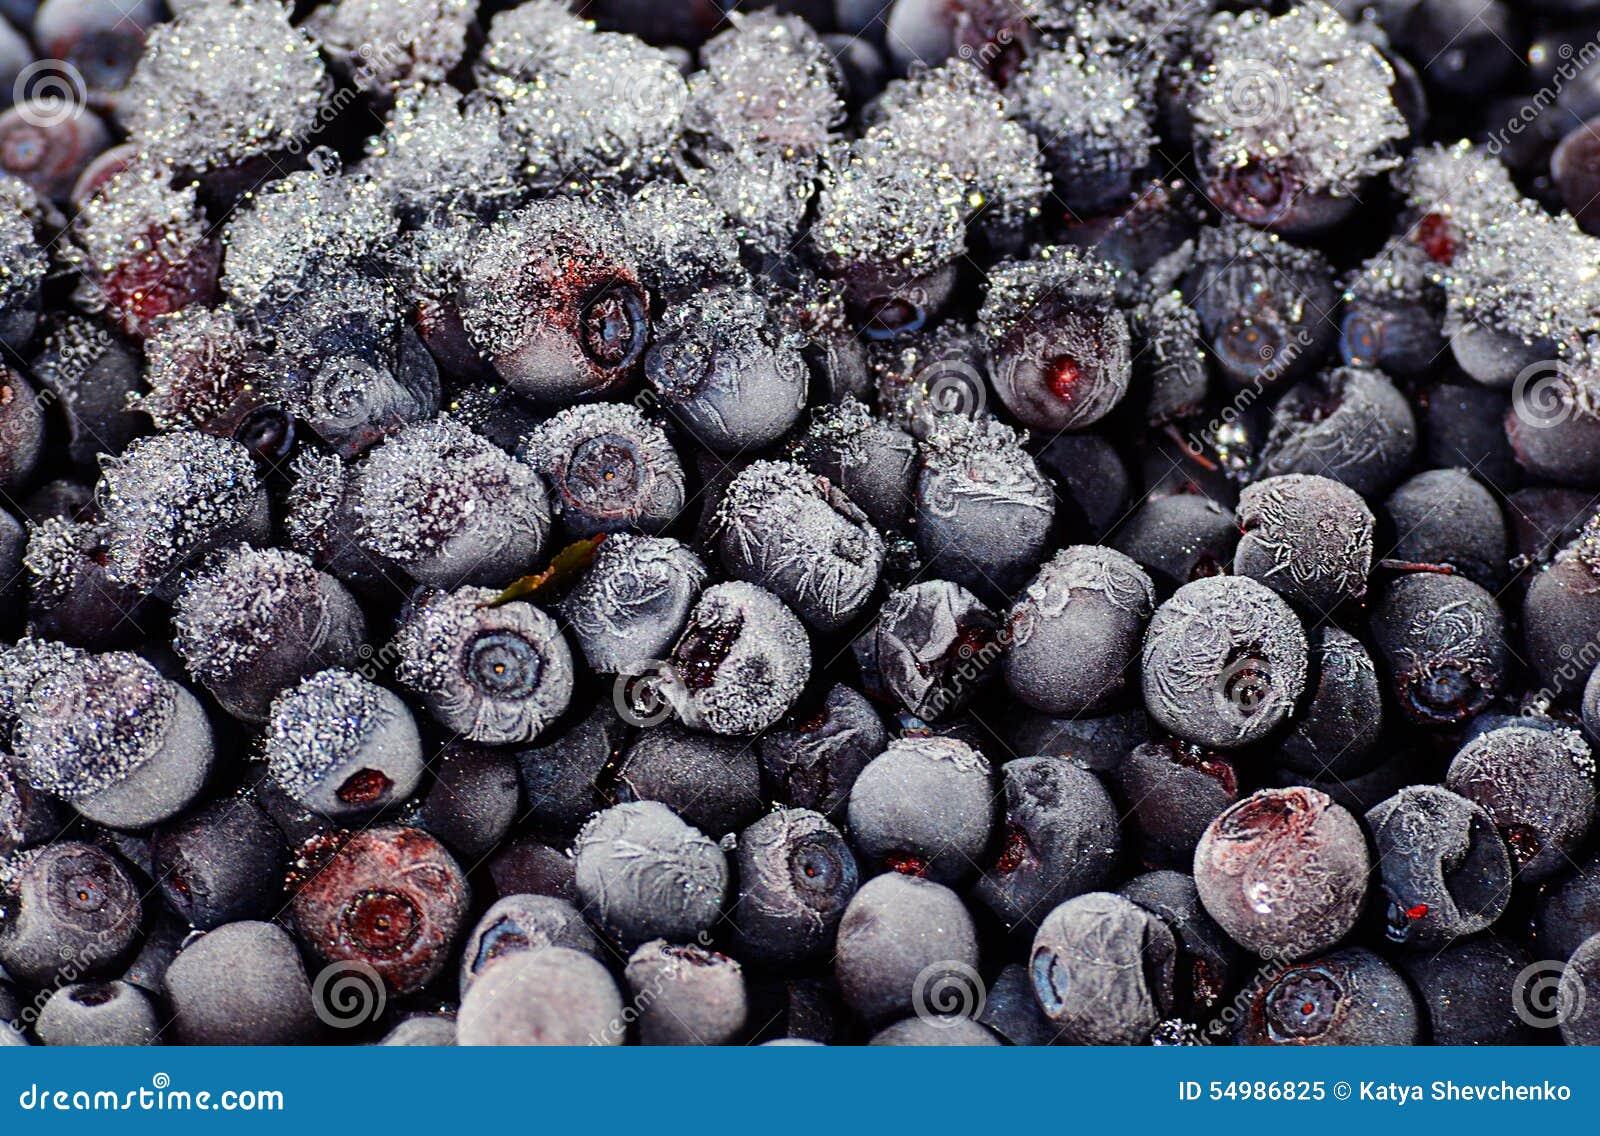 Fryste blåbär